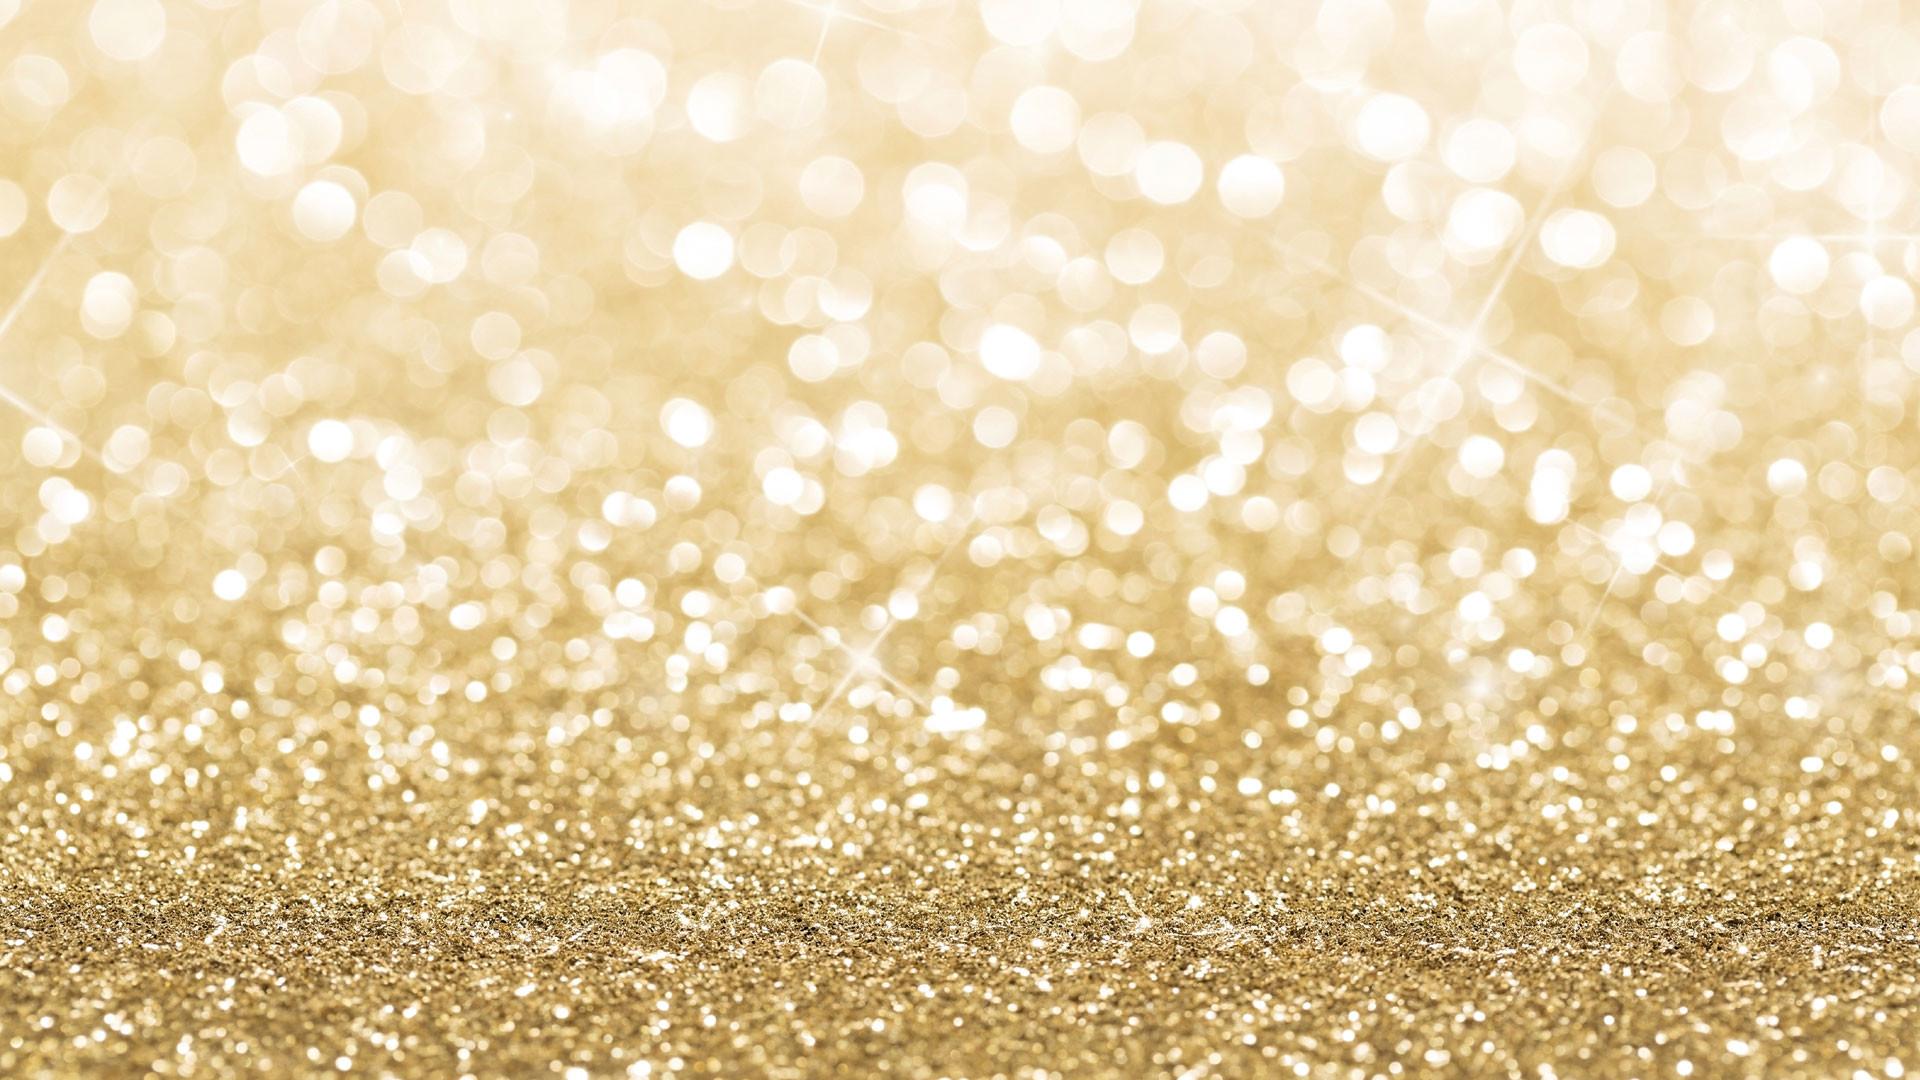 Gold Glitter Full HD Wallpaper / 1920×1080